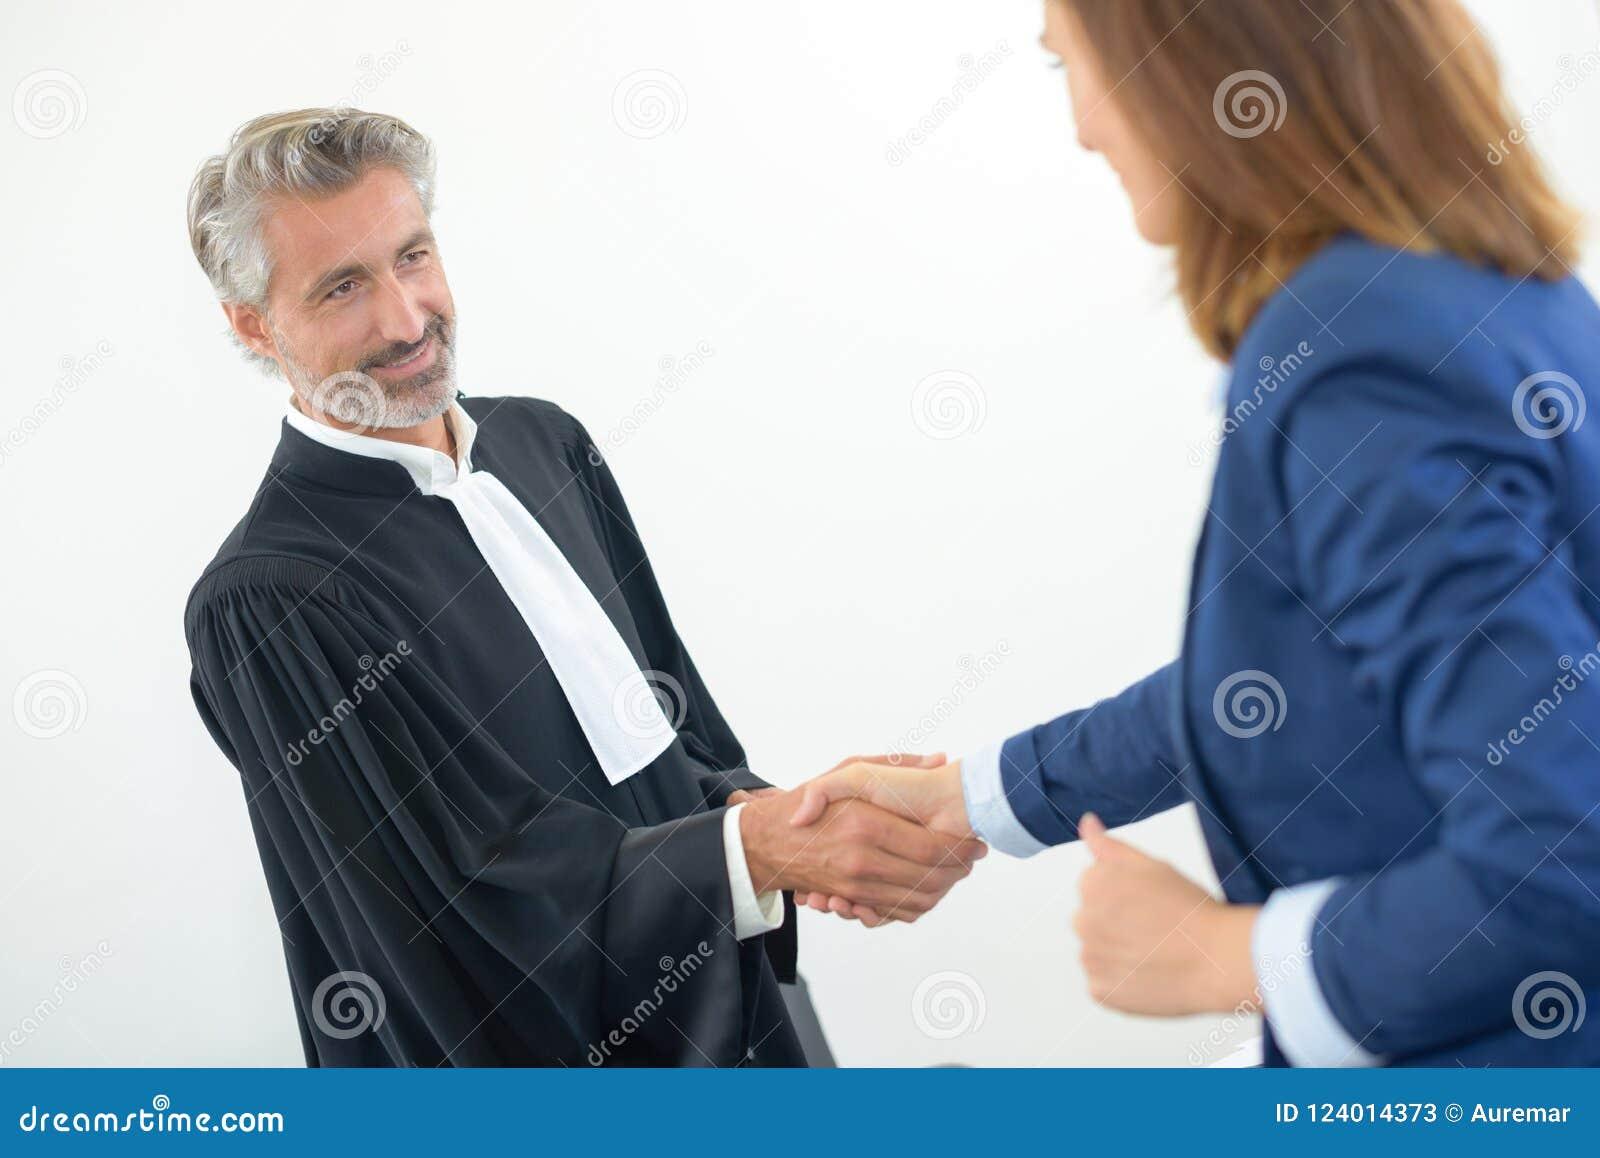 Wettelijke arbeider die in robes handen met vrouw in kostuum schudden